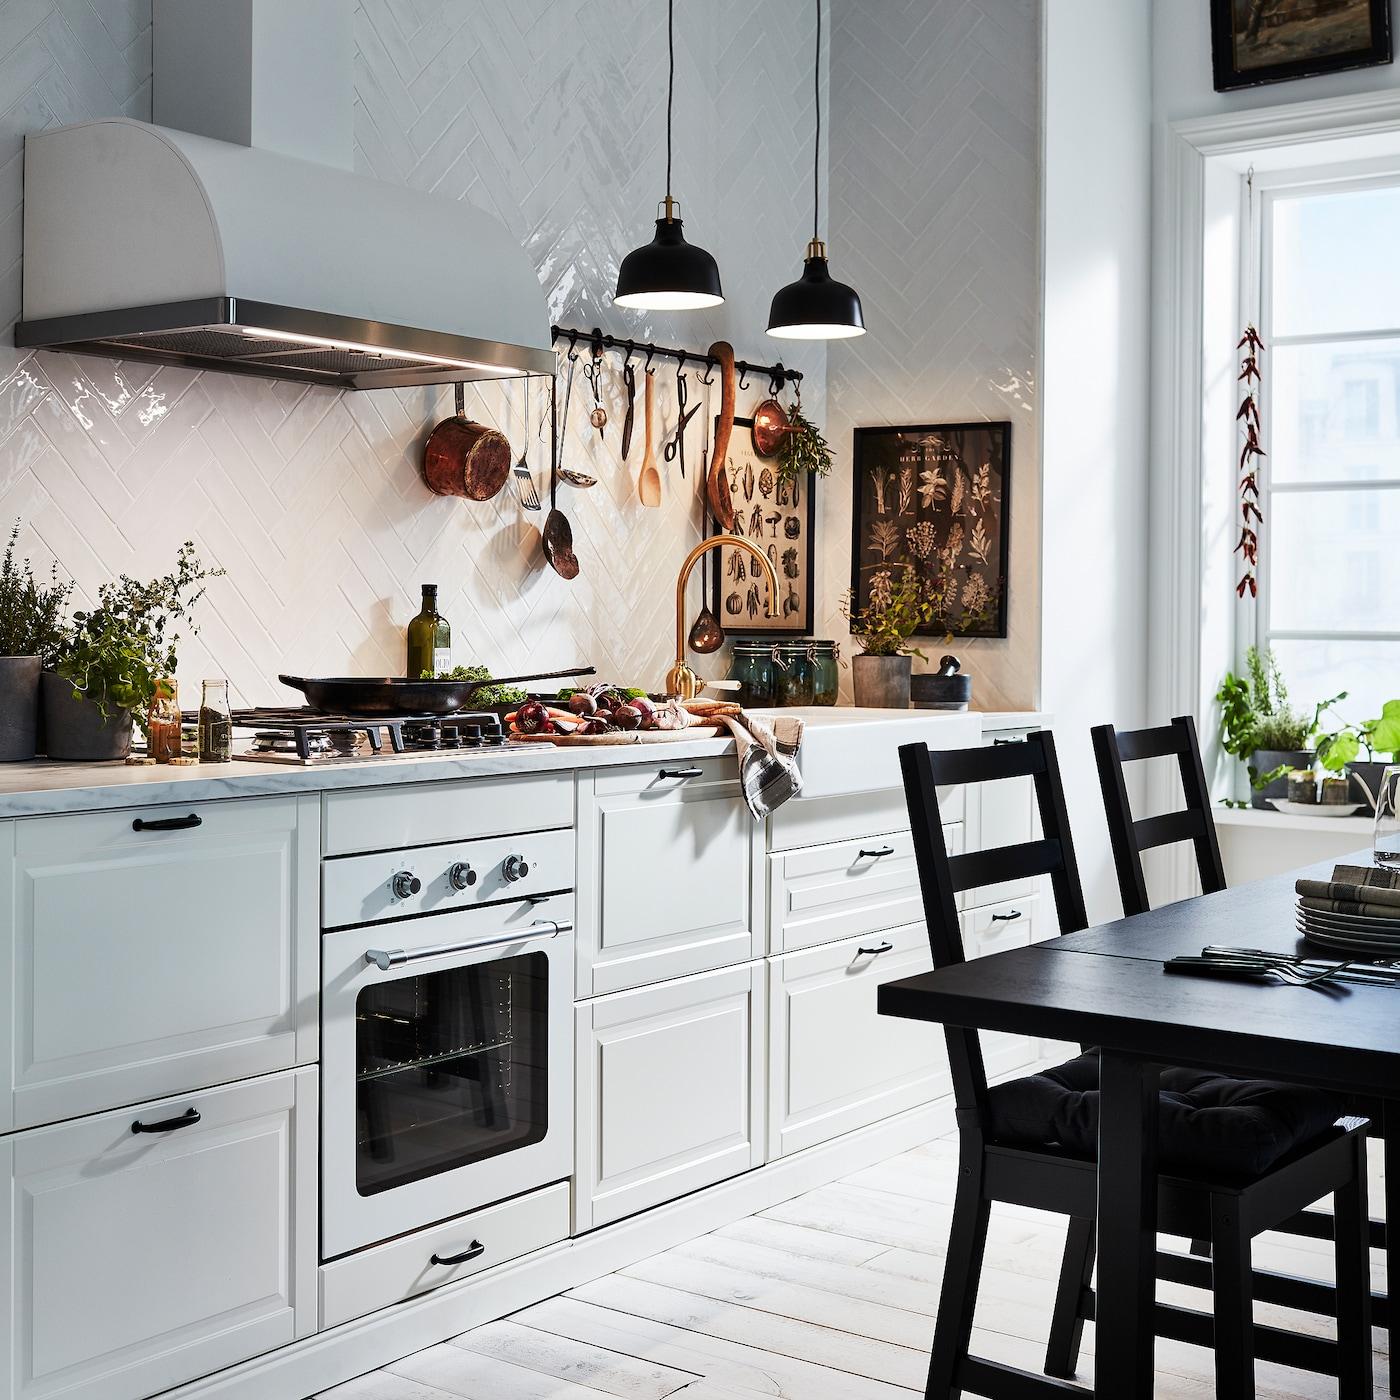 مطبخ BODBYN باللون الأبيض العاجي مضاء بمصباحين معلقين بلون أسود. طاولة سوداء وبجانبها كرسيان بلون أسود.